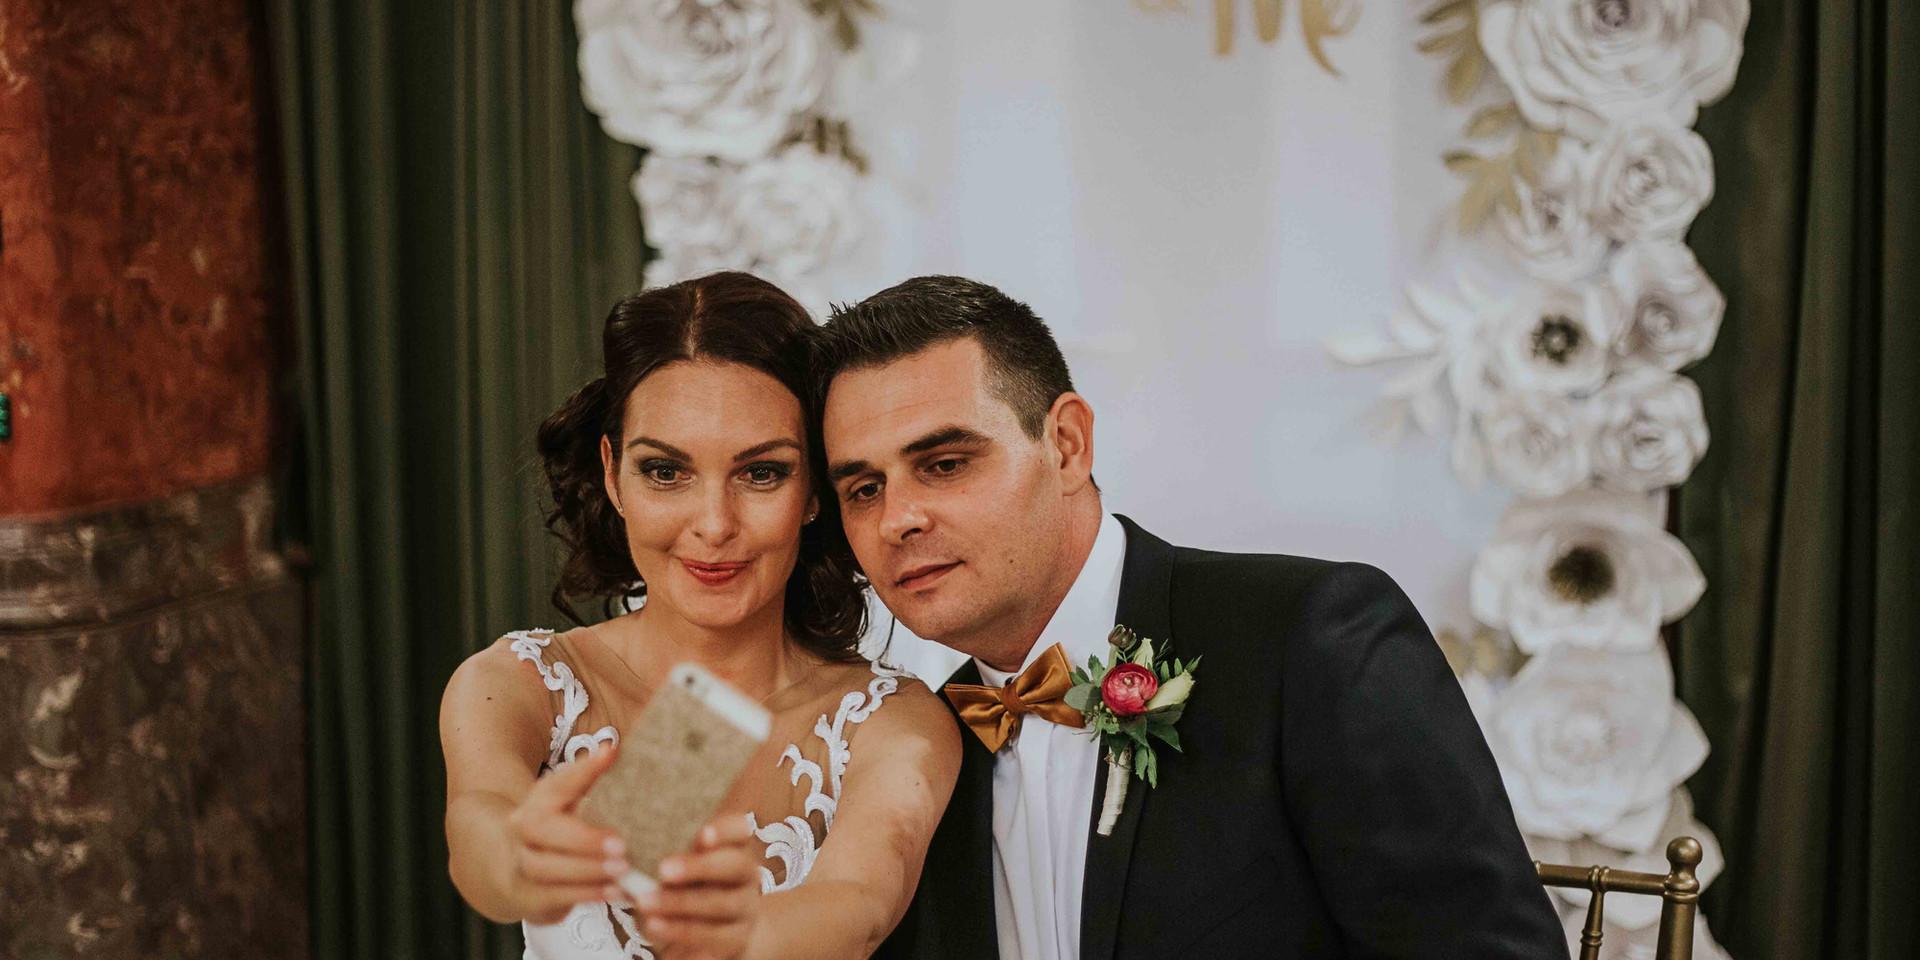 Selfie wedding